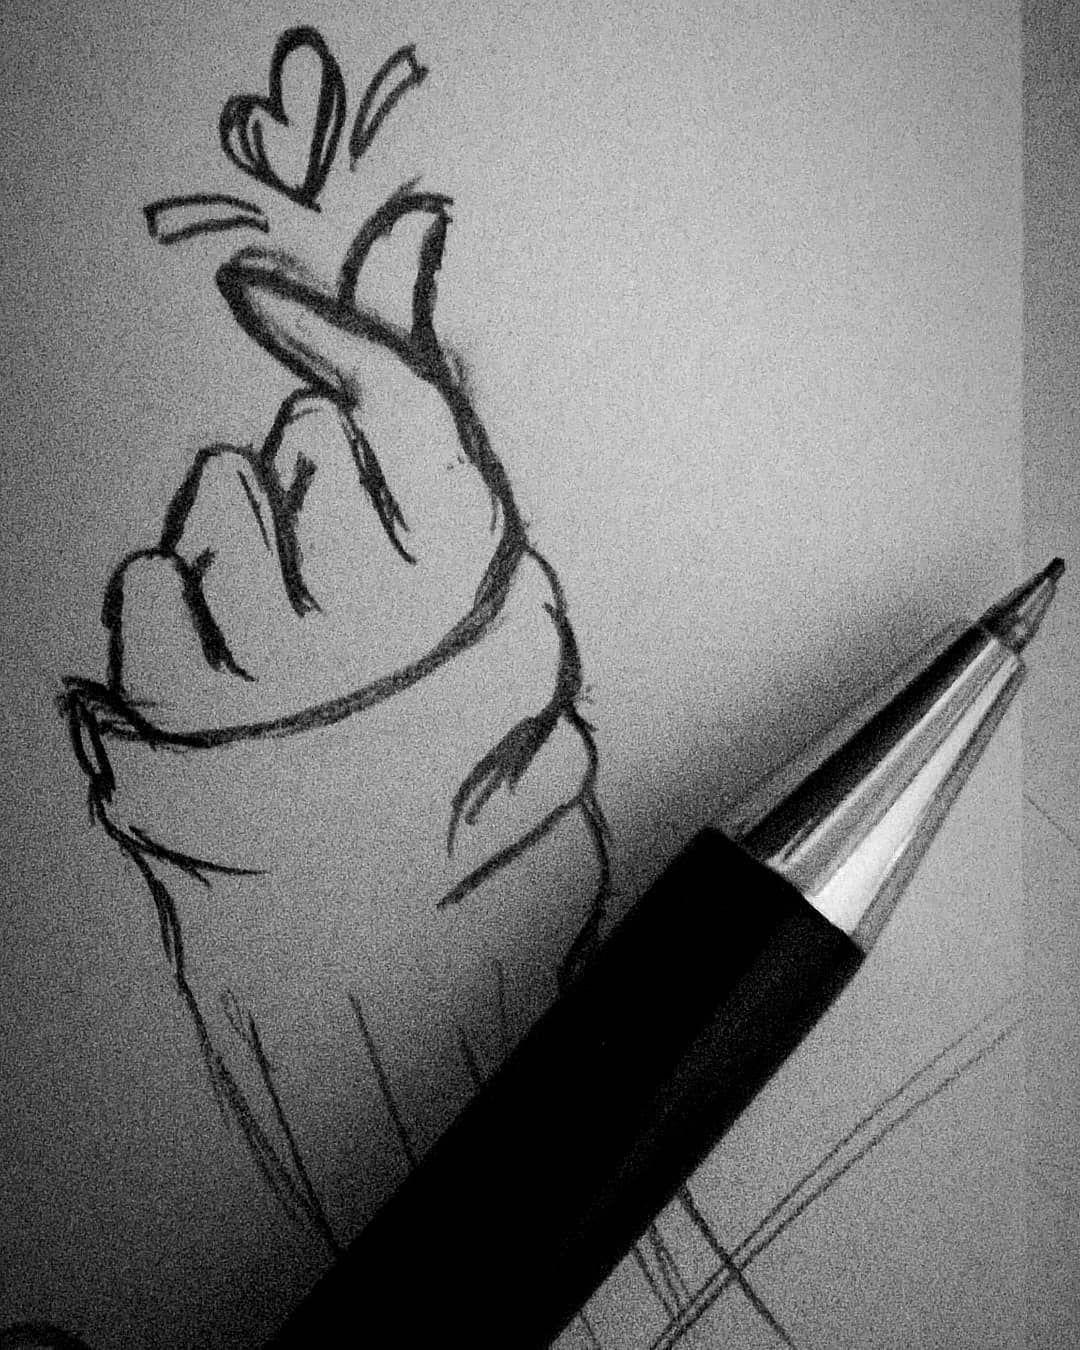 Kolay Karakalem Cizimleri Tumblr Ile Ilgili Gorsel Sonucu Cizim Karakalem Cizimler Drawing